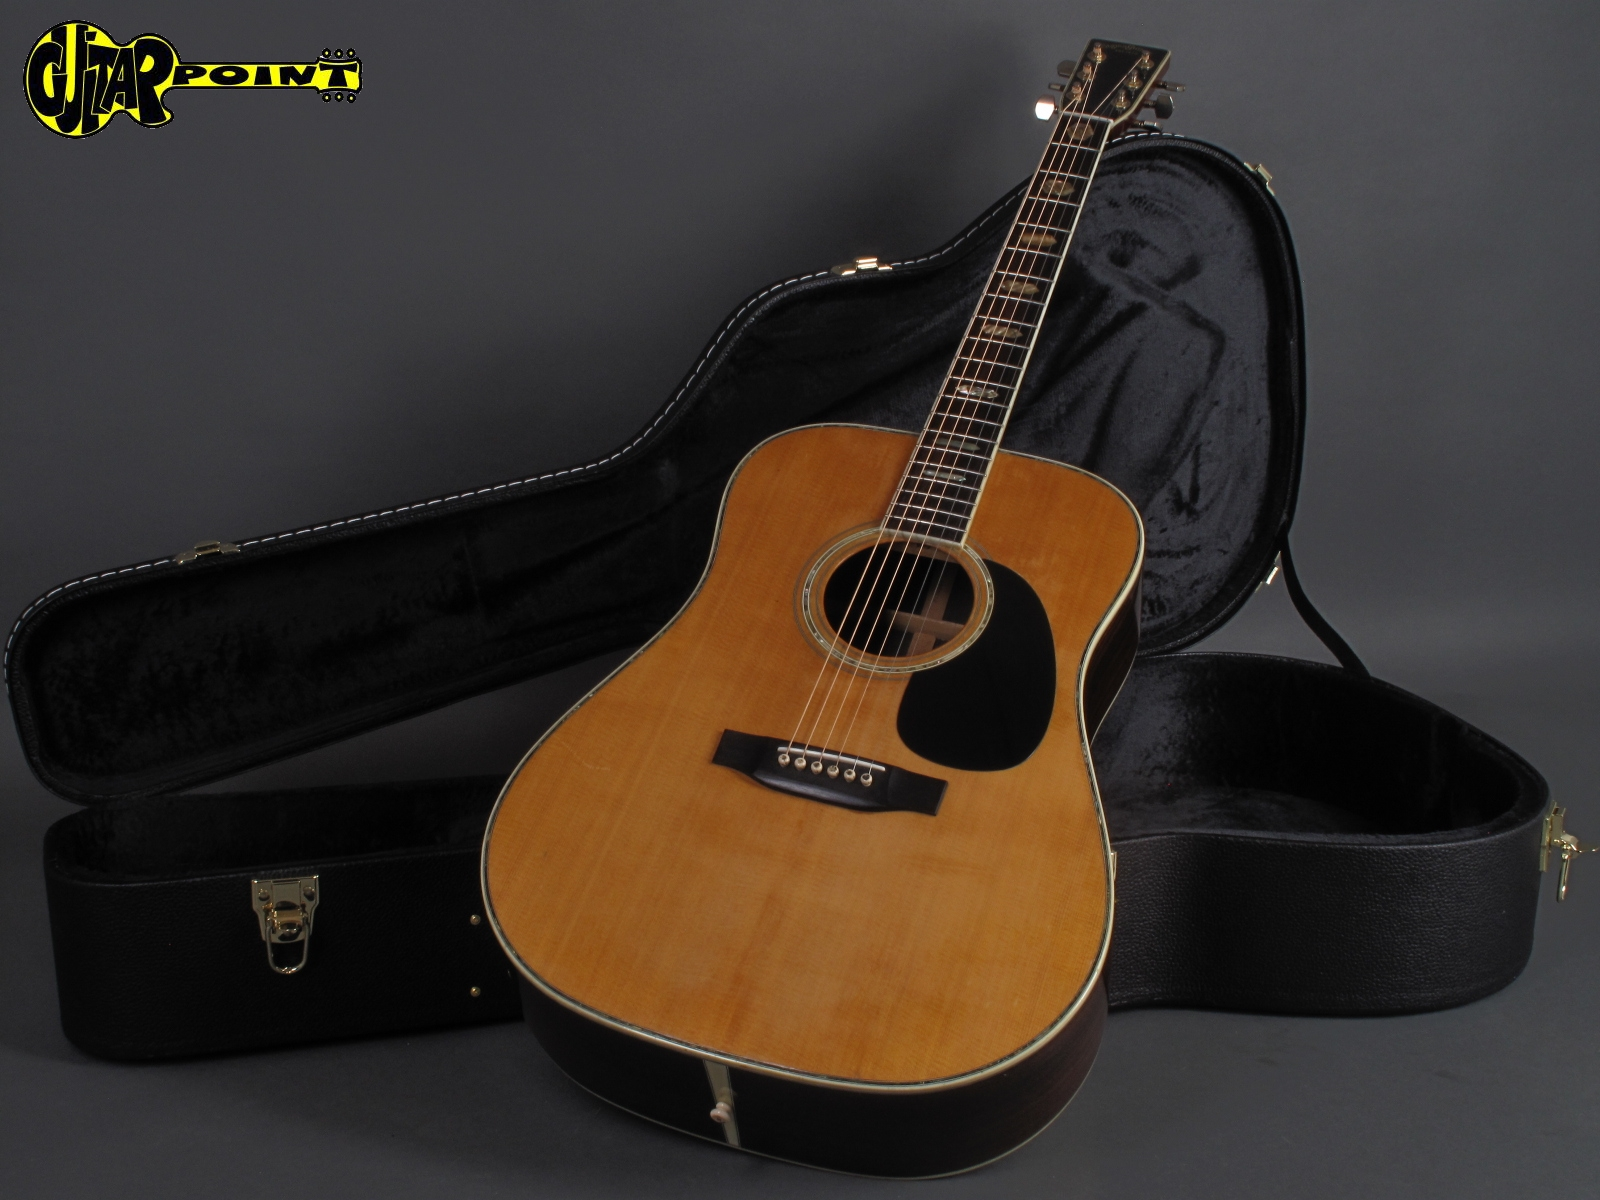 sigma martin dr 41 1980 natural guitar for sale guitarpoint. Black Bedroom Furniture Sets. Home Design Ideas